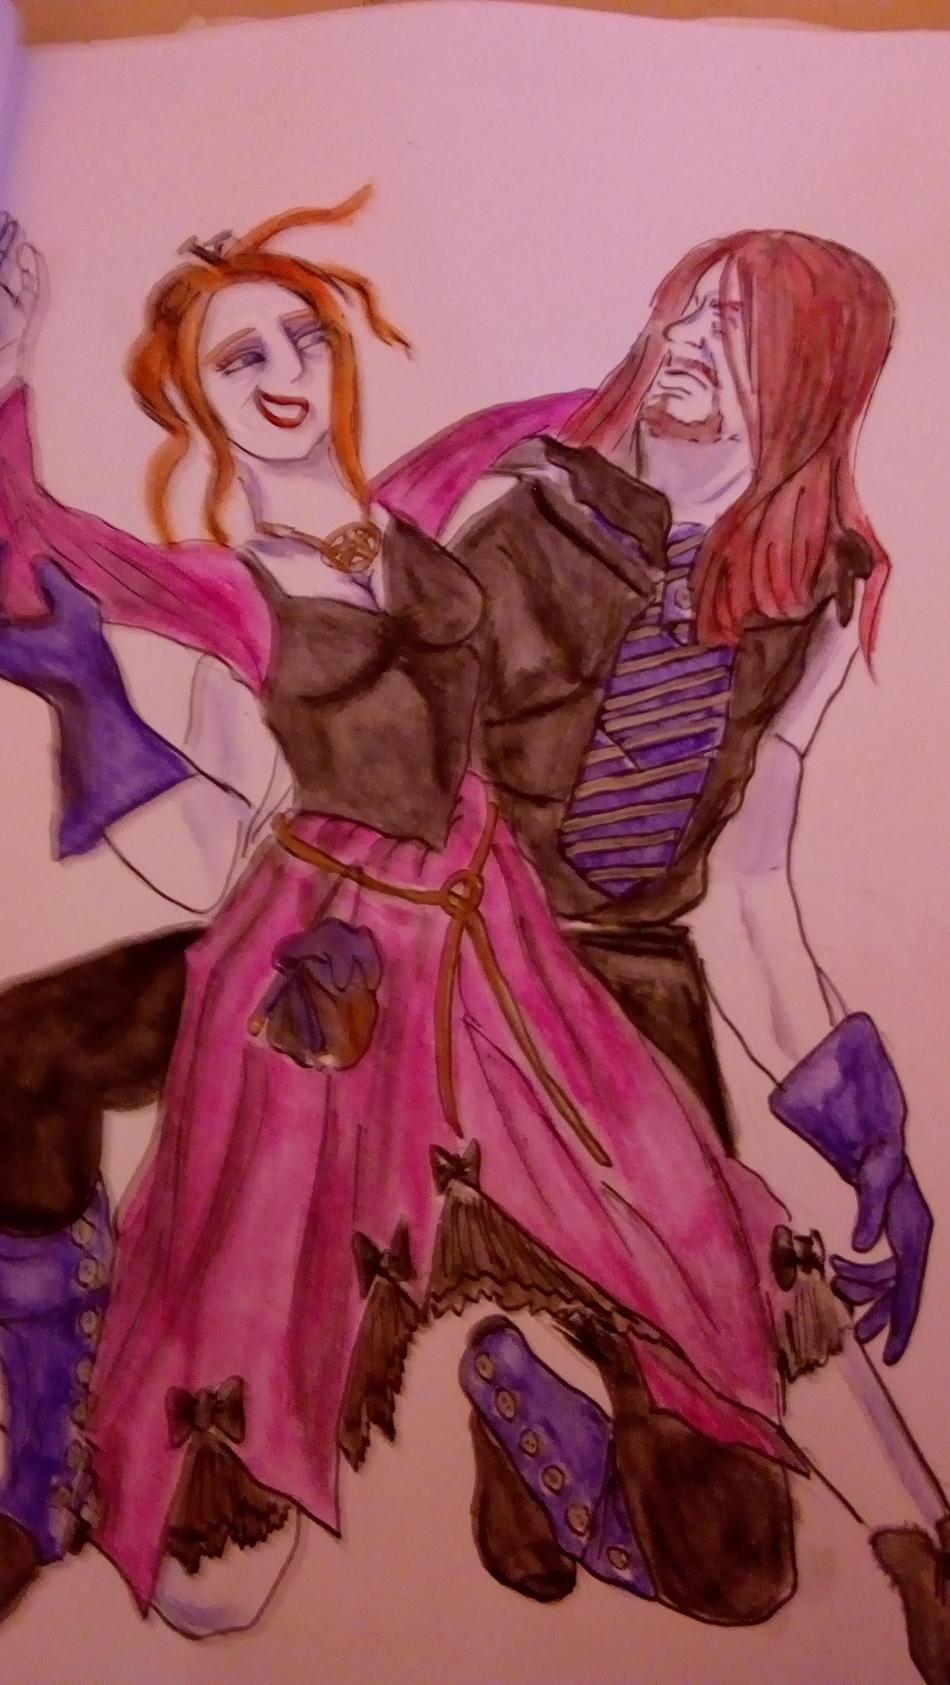 Hexentanz  mit dem Undertaker  ; )